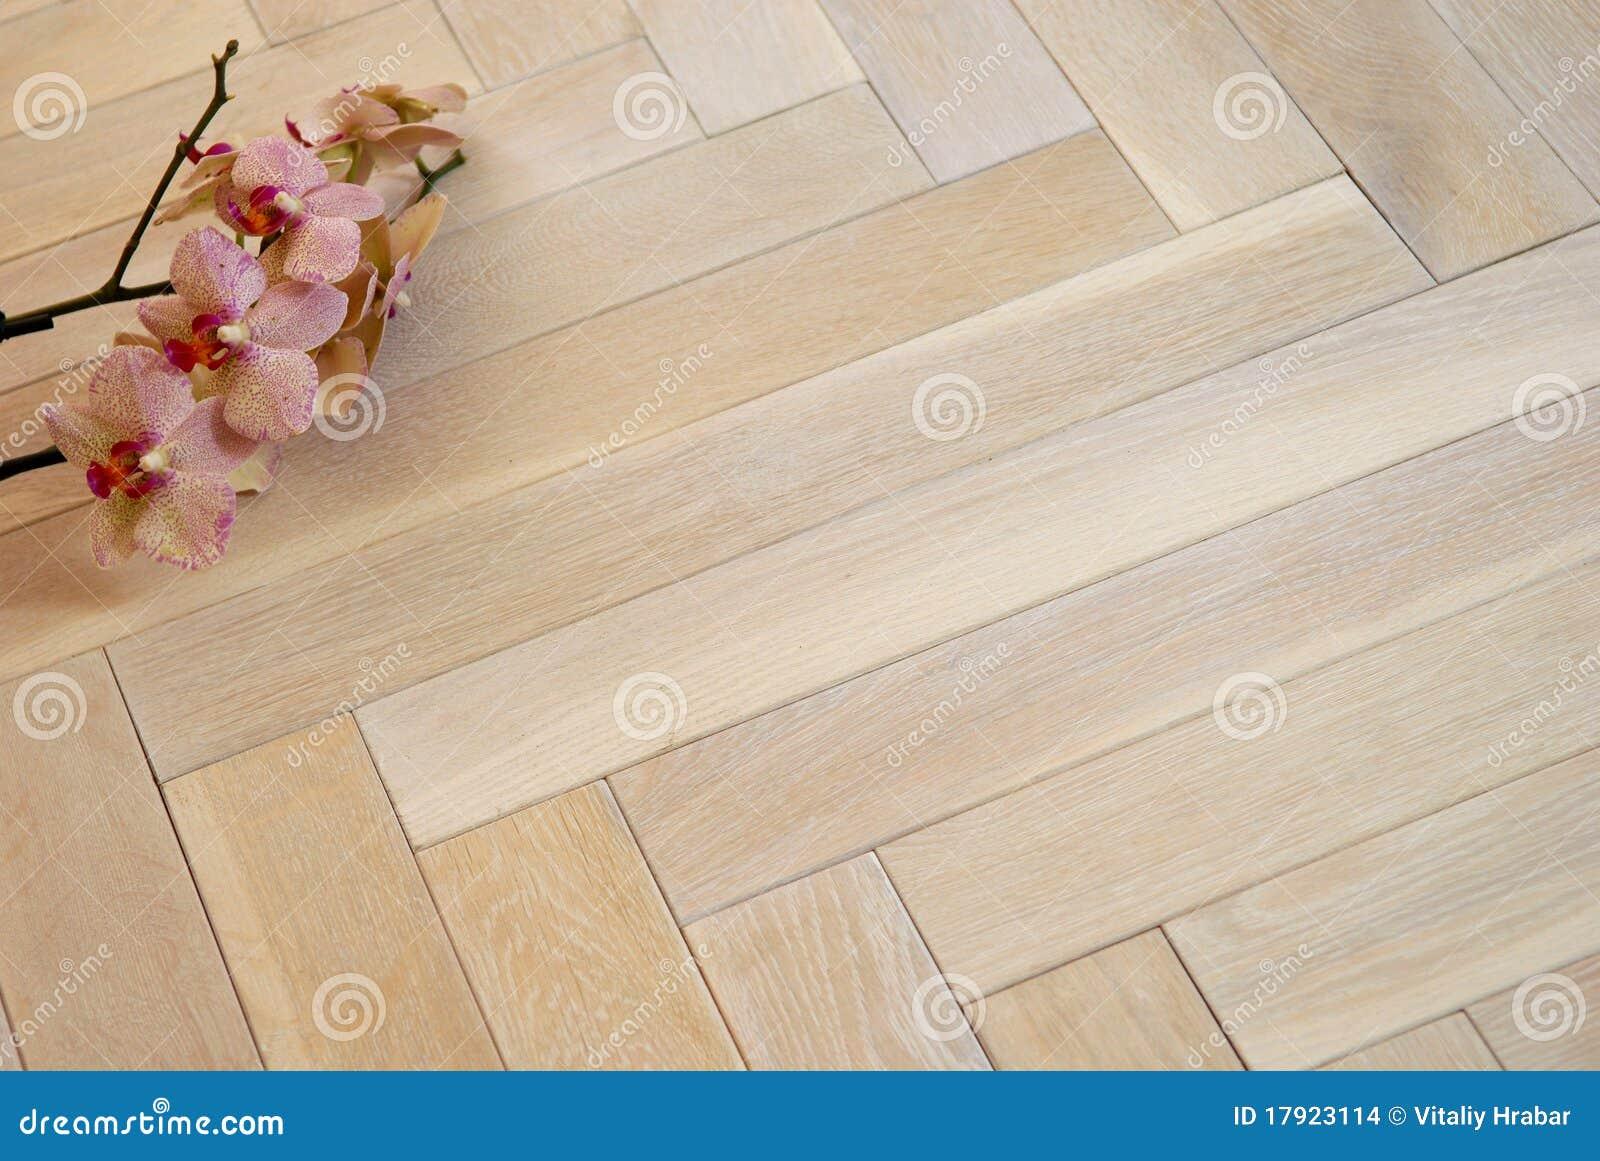 Suelo de entarimado de madera